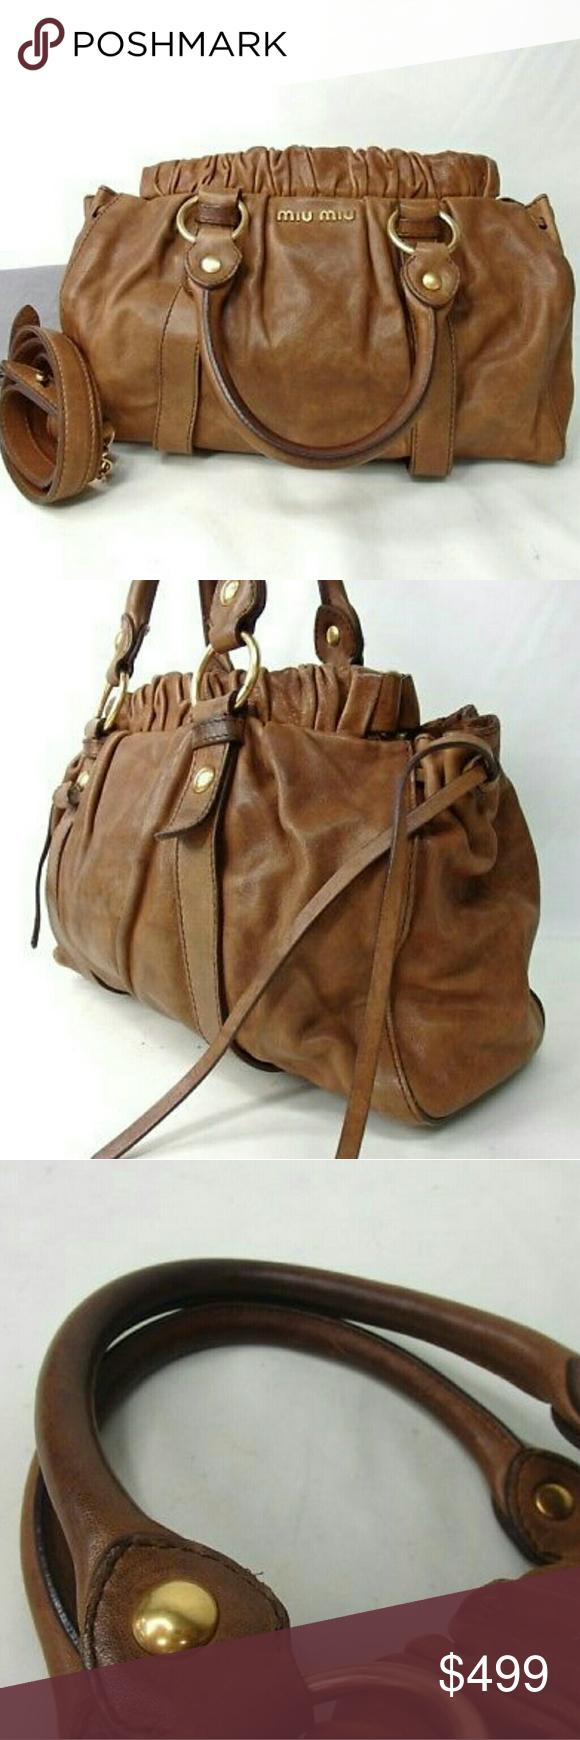 b9ca5ead641e Miu Miu Prada Vitello Lux Calfskin 2way tote bag Handbag Brand miu miu  SizeW38cm x H23cm x D11cm Brown leather shoulder bag satchel Comes with  shoulder ...